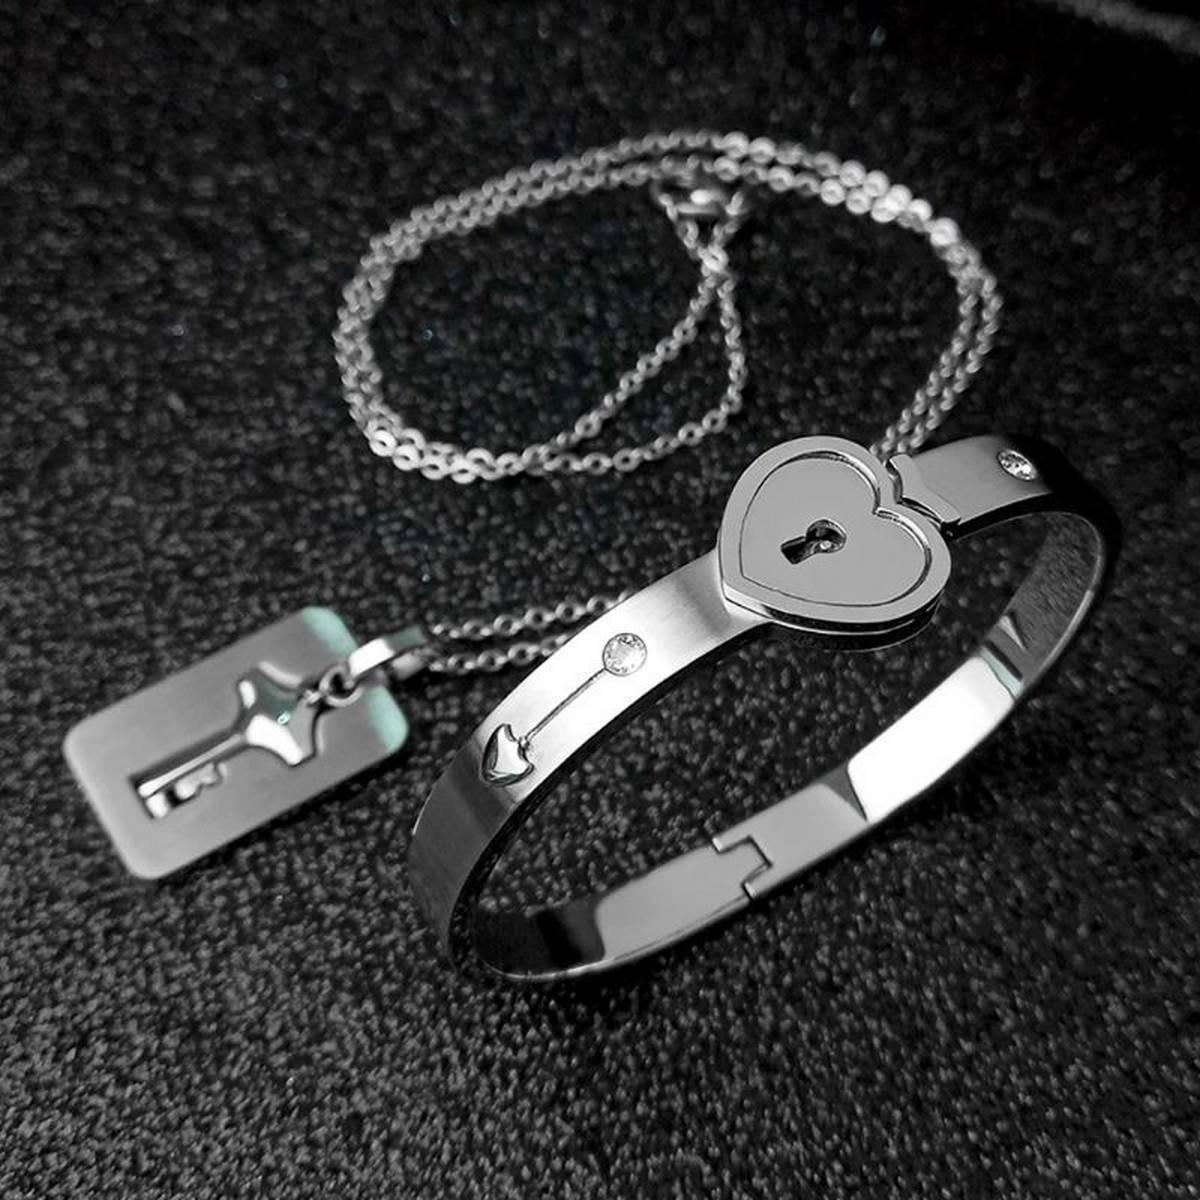 Lover's Key pendantSteel Women Men couple Bangle Gift For Lovers Romantic Lock Link Chain Bracelets